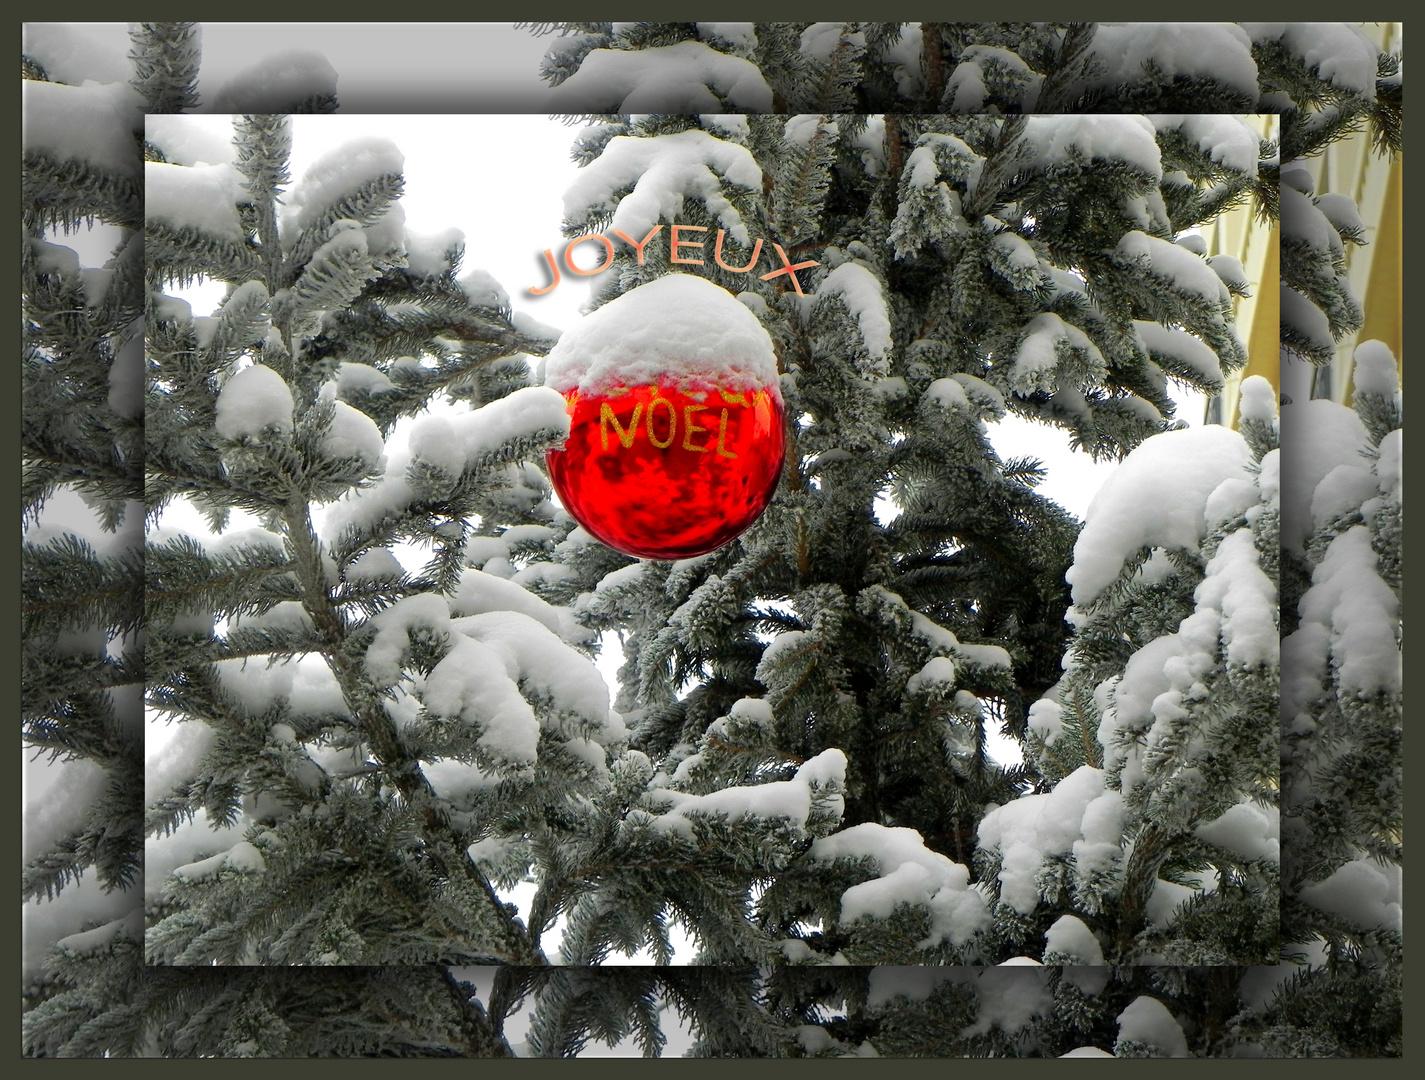 Joyeux Nöel à tous et à toutes!